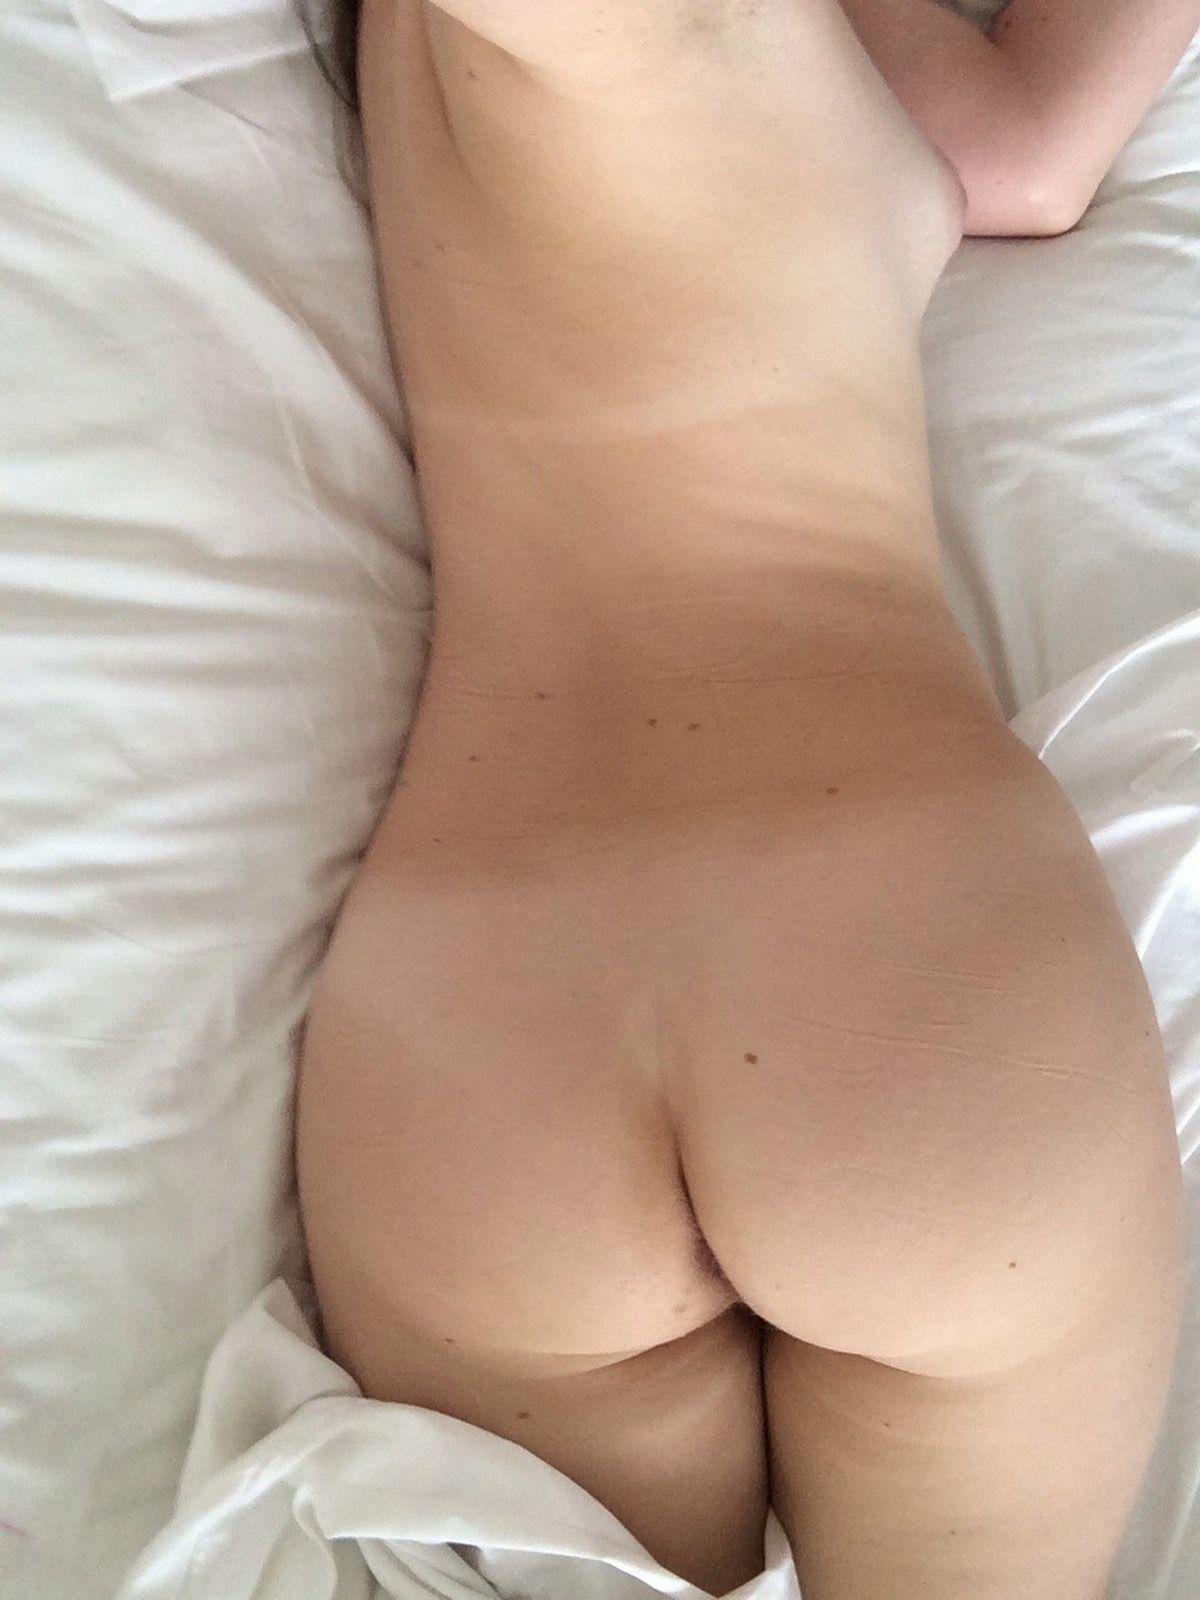 Юная чика снимает себя без лифчика в постели